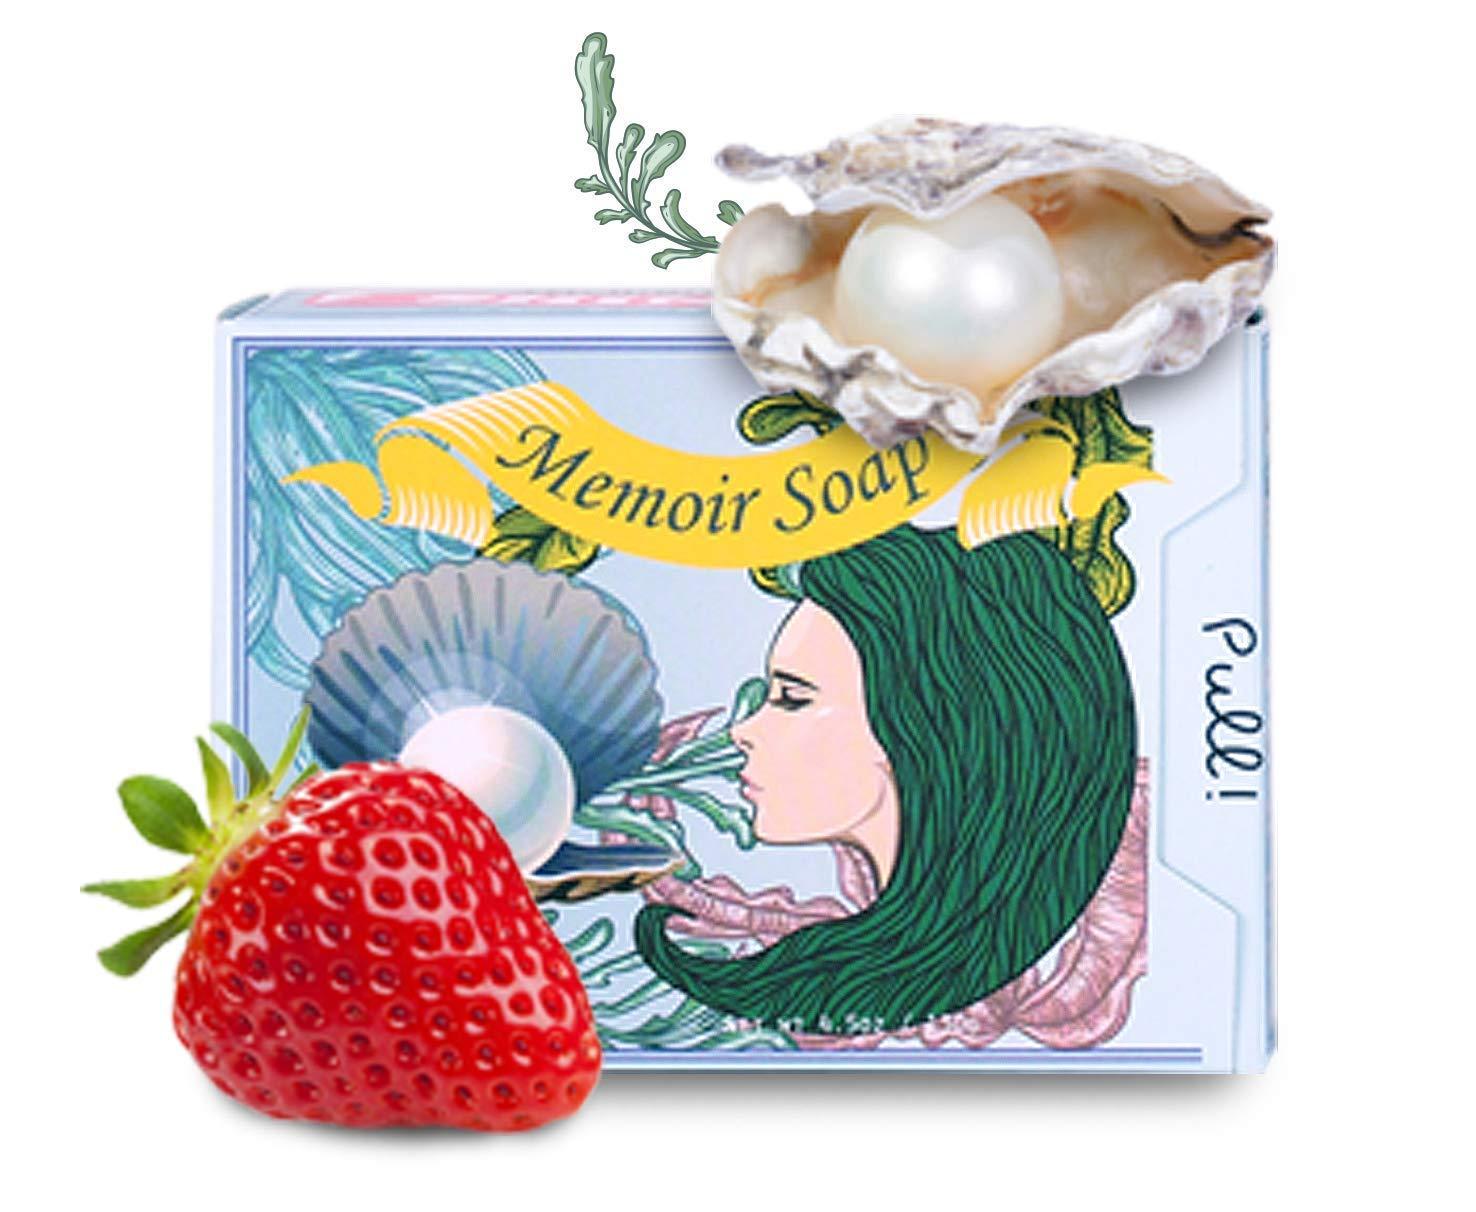 Memoir Natural Whitening Cleanser Soap - Pearl, Strawberry, Hyaluronic Acid, Tomato & Cucumber Extract, Grapefruit & Lemon Oil - Great for Sensitive Skin - Natural Skin Lightening - 4.5oz Memoir Art Studio